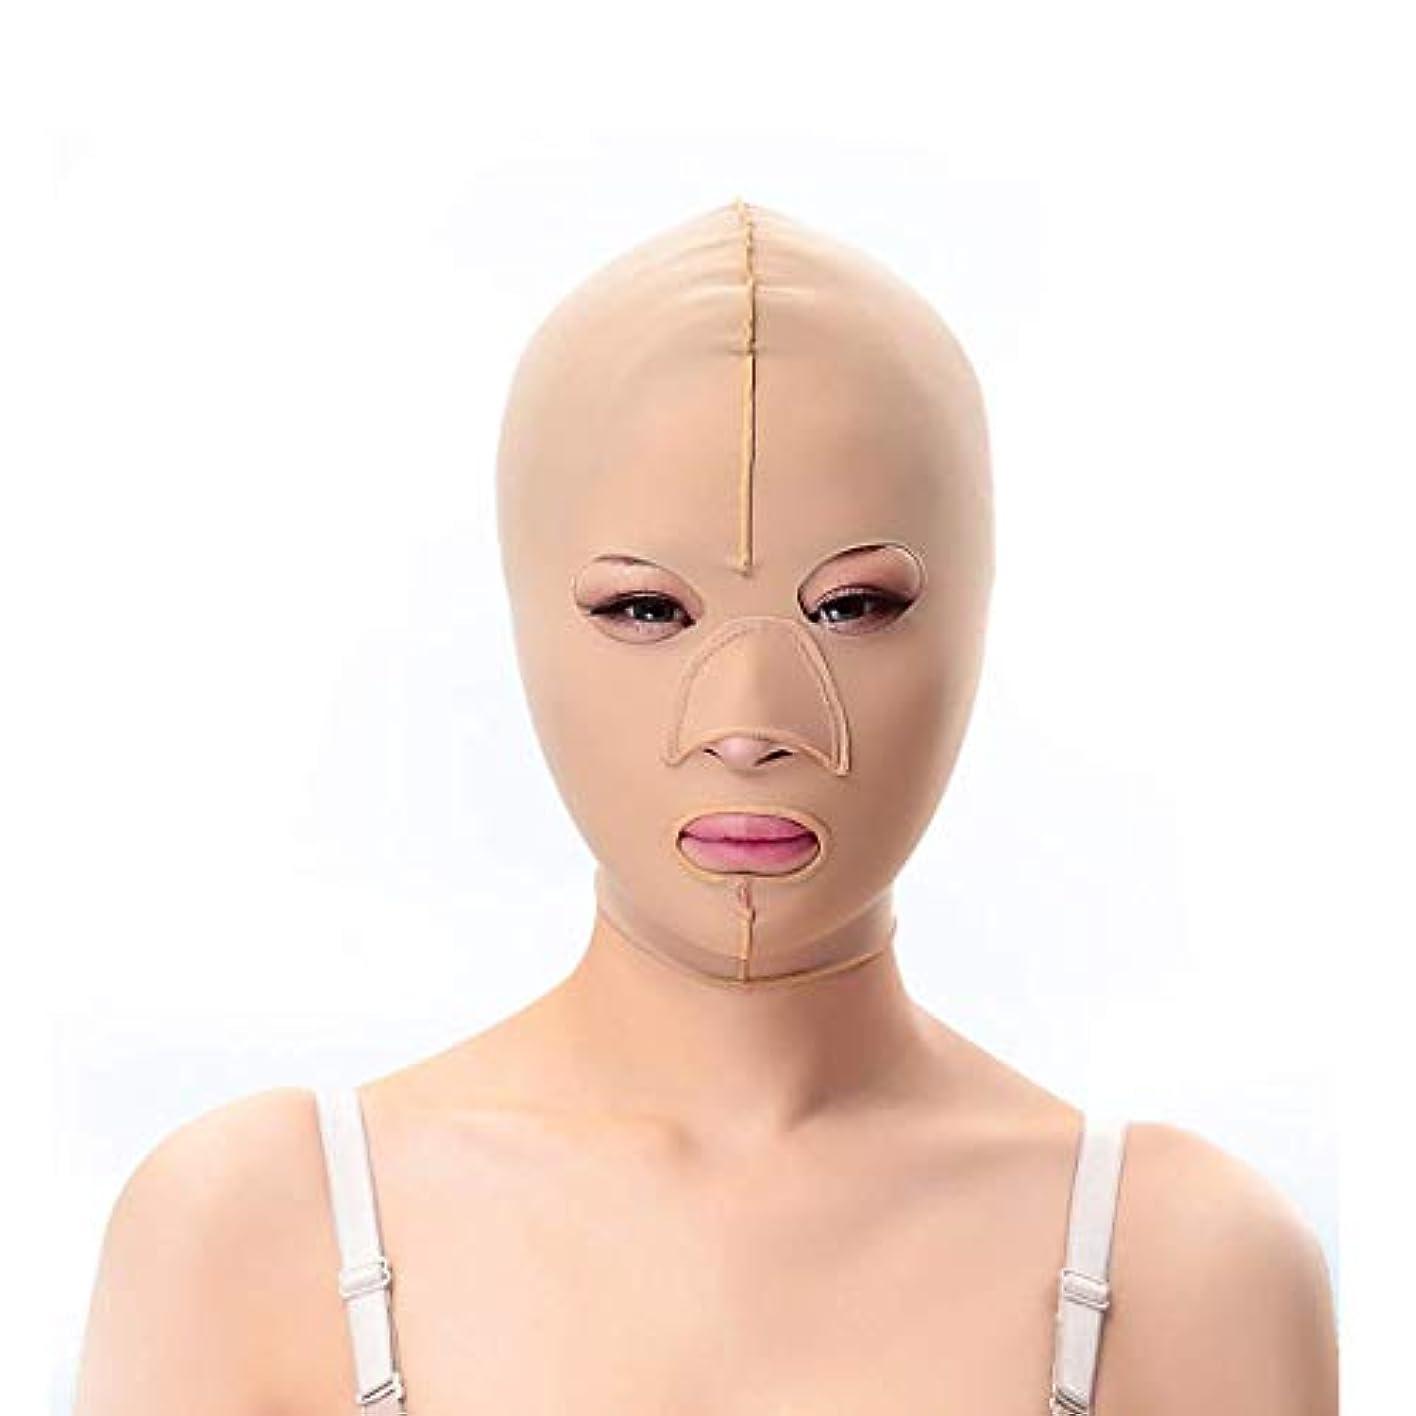 わな冒険クラシカルスリミングベルト、二重あごの引き締め顔のプラスチックフェイスアーティファクト強力なフェイス包帯を脇に持ち上げるパターンを欺くためのフェイシャルマスクシンフェイスマスク(サイズ:L),Xl